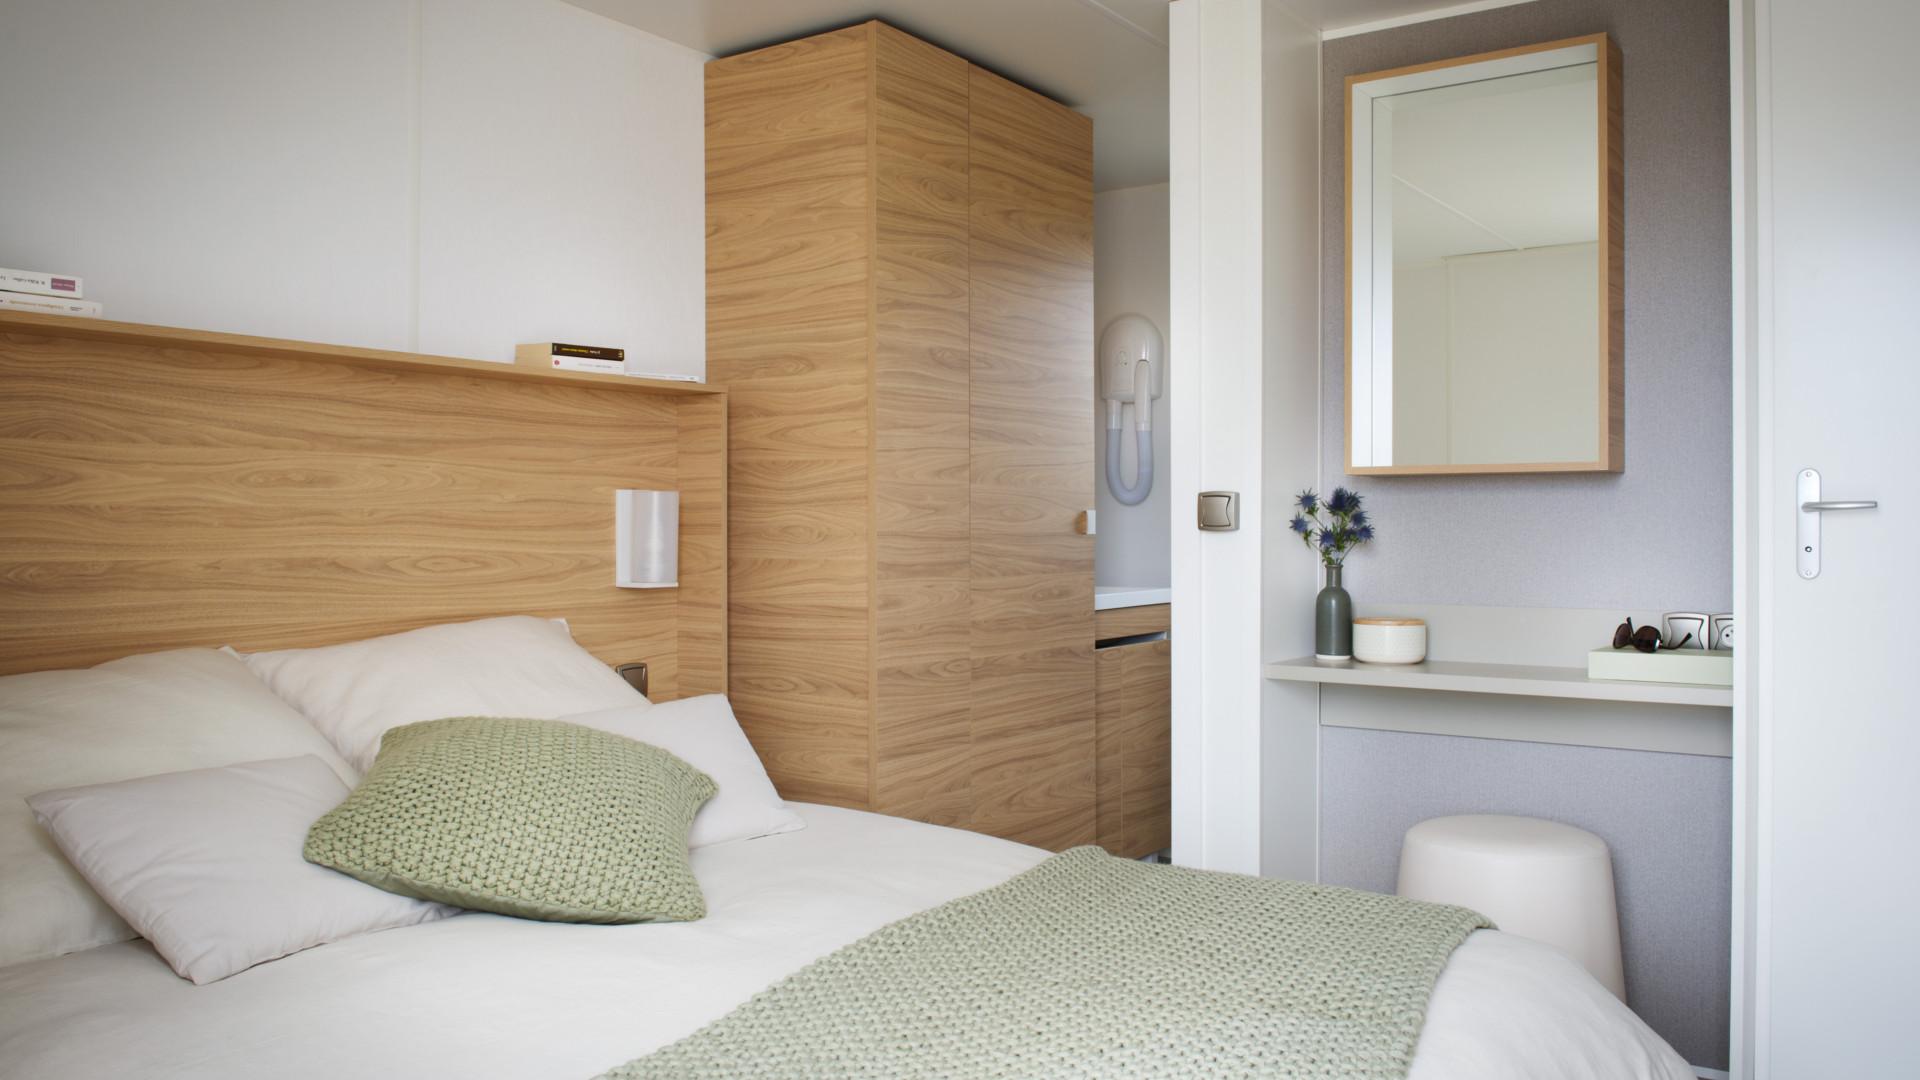 Mobile-home Gold intérieur